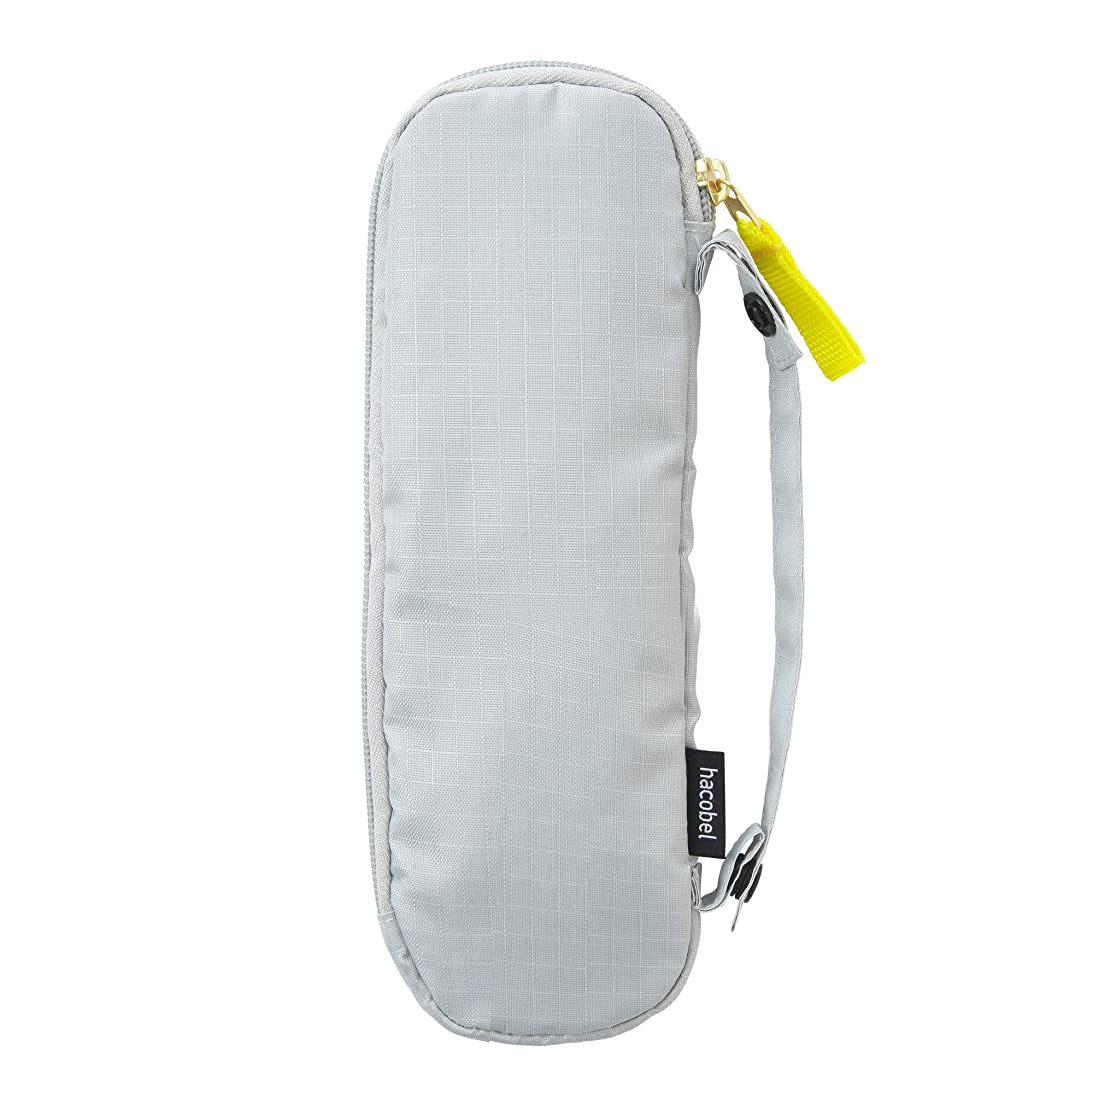 再生可能り続けるマーナ hacobel吸水傘ケース 2way Mini グレー J415GY